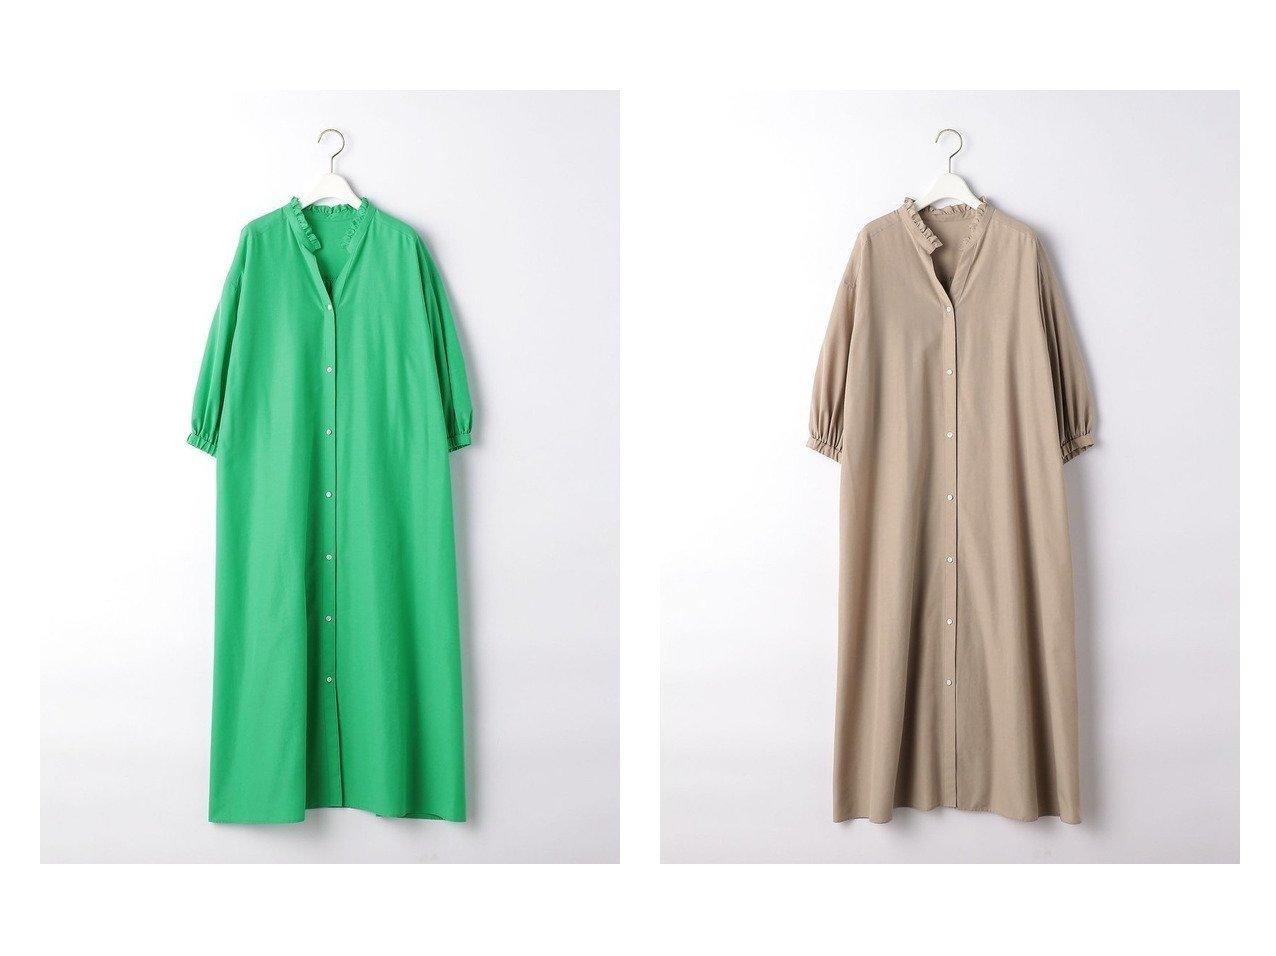 【green label relaxing / UNITED ARROWS/グリーンレーベル リラクシング / ユナイテッドアローズ】のFFC フリルカラー ギャザー ワンピース 【ワンピース・ドレス】おすすめ!人気、トレンド・レディースファッションの通販 おすすめで人気の流行・トレンド、ファッションの通販商品 インテリア・家具・メンズファッション・キッズファッション・レディースファッション・服の通販 founy(ファニー) https://founy.com/ ファッション Fashion レディースファッション WOMEN ワンピース Dress おすすめ Recommend ギャザー シューズ トレンド バランス フェミニン フリル フロント 今季 羽織 |ID:crp329100000055133